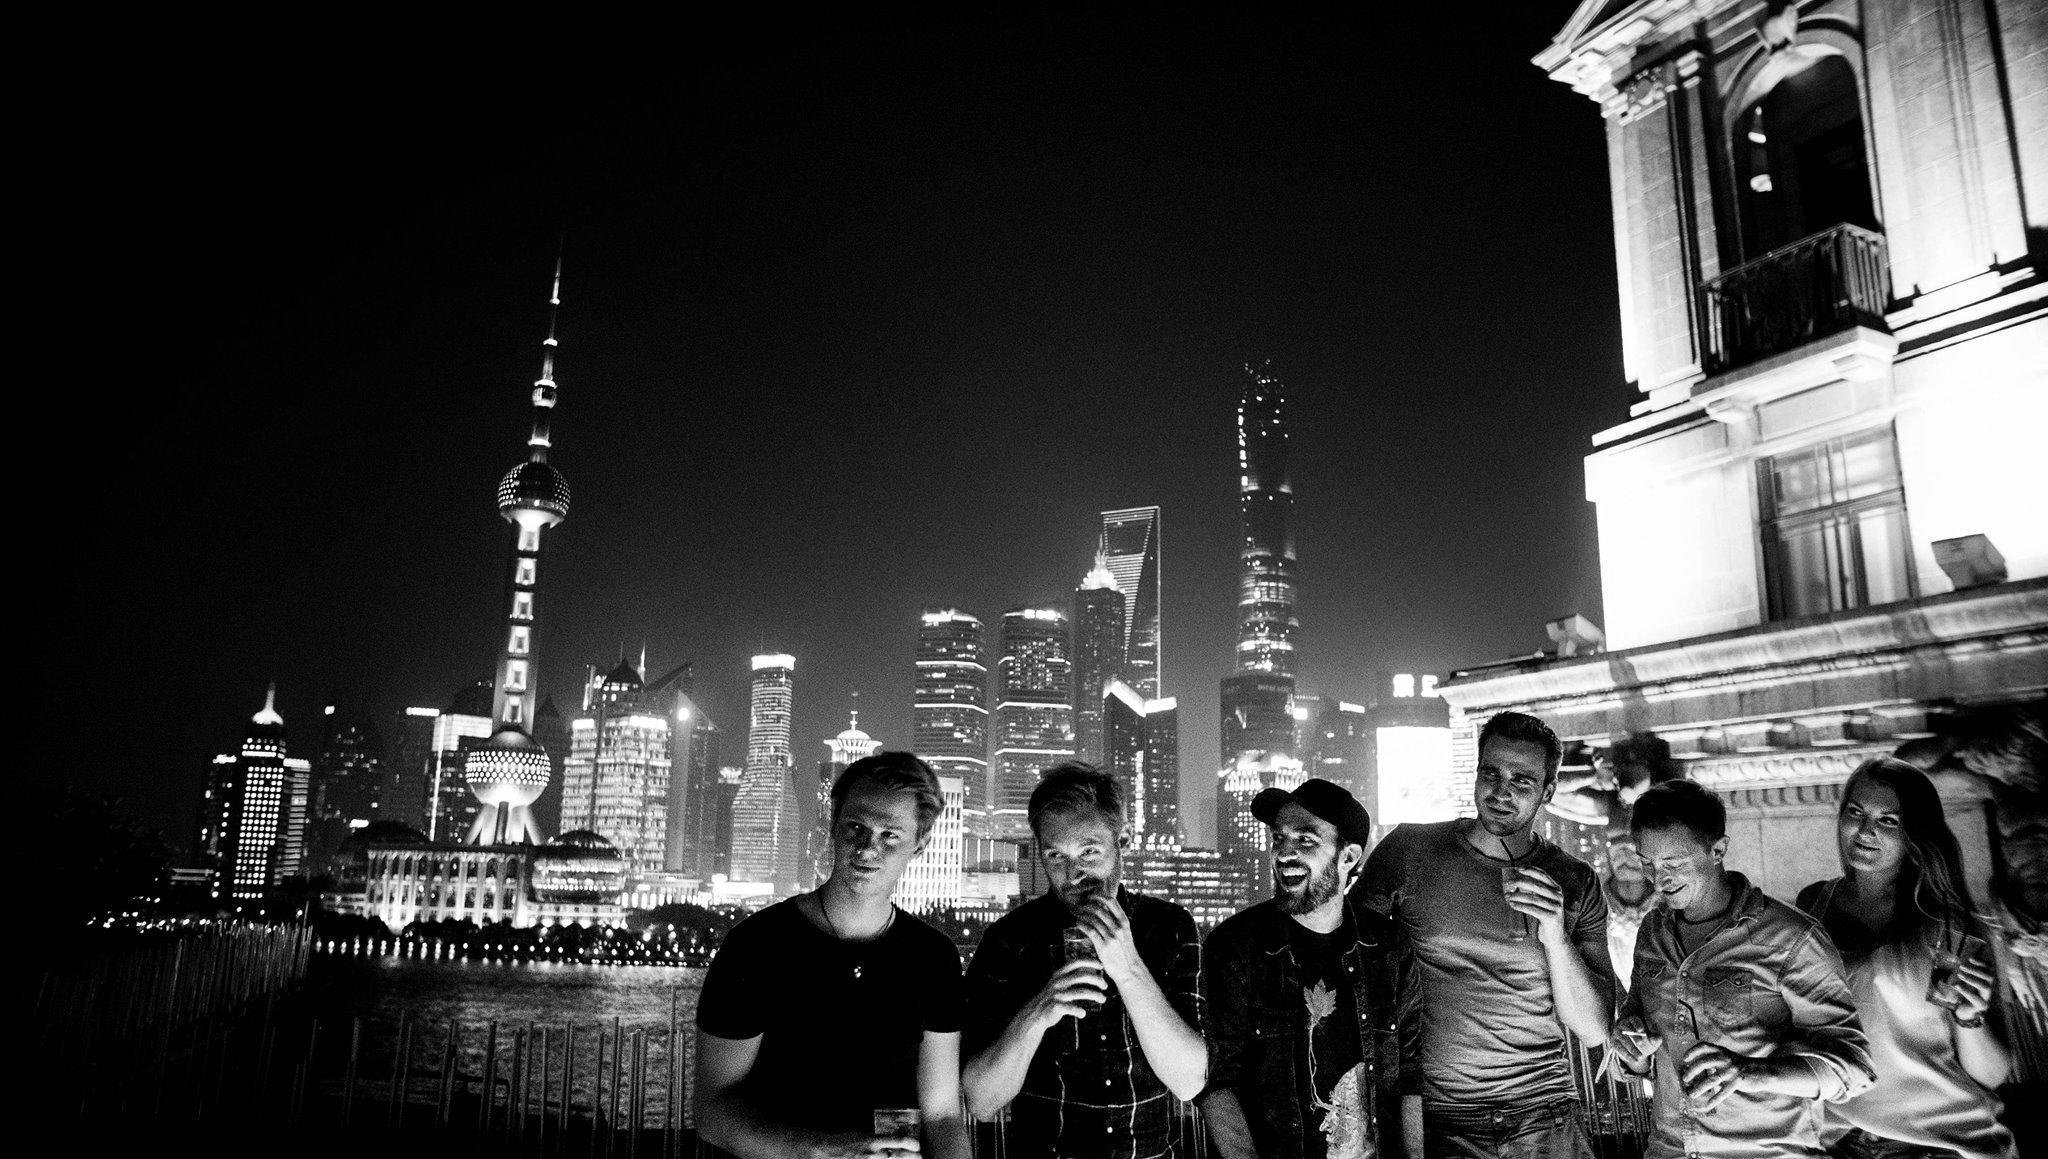 Menschen in der Nacht vor Skyline